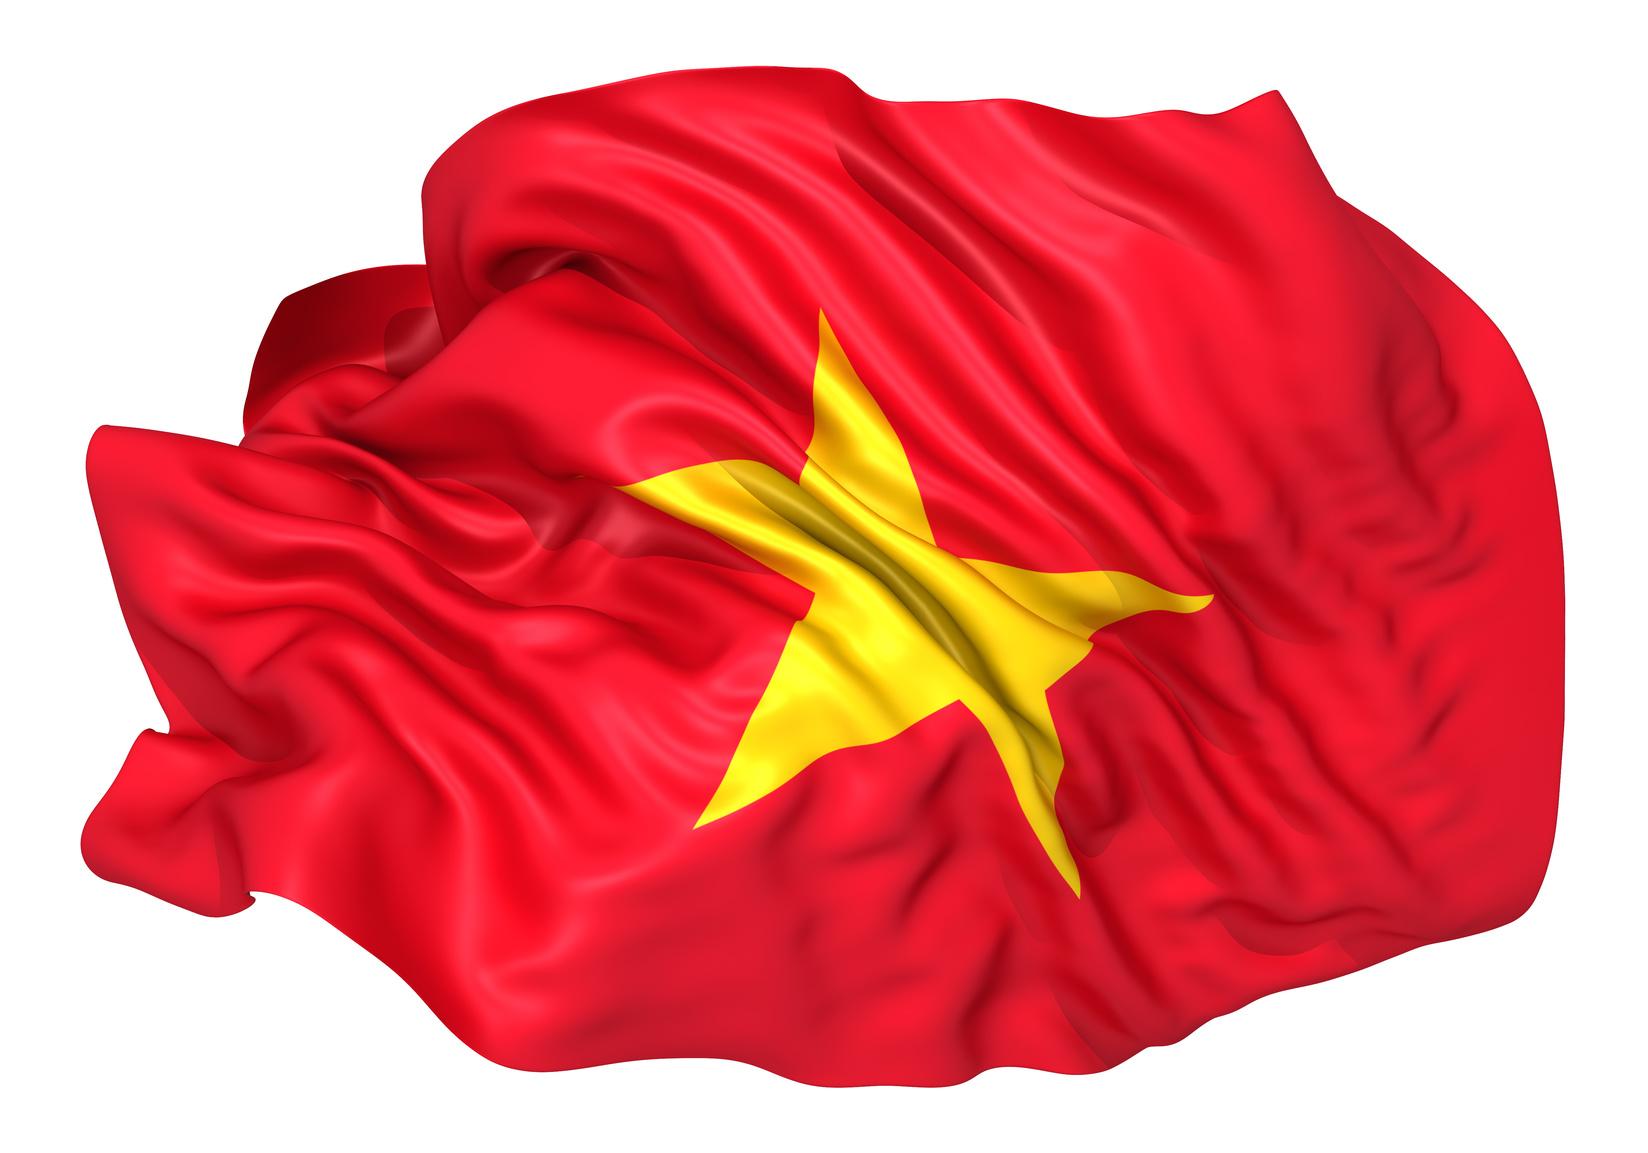 ベトナム株は買い?越国の経済・財政をファンダメンタルズ分析!まだまだ伸び代抜群の人口動態・一人当たりGDPの水準。注意すべきは財政収支の動向?